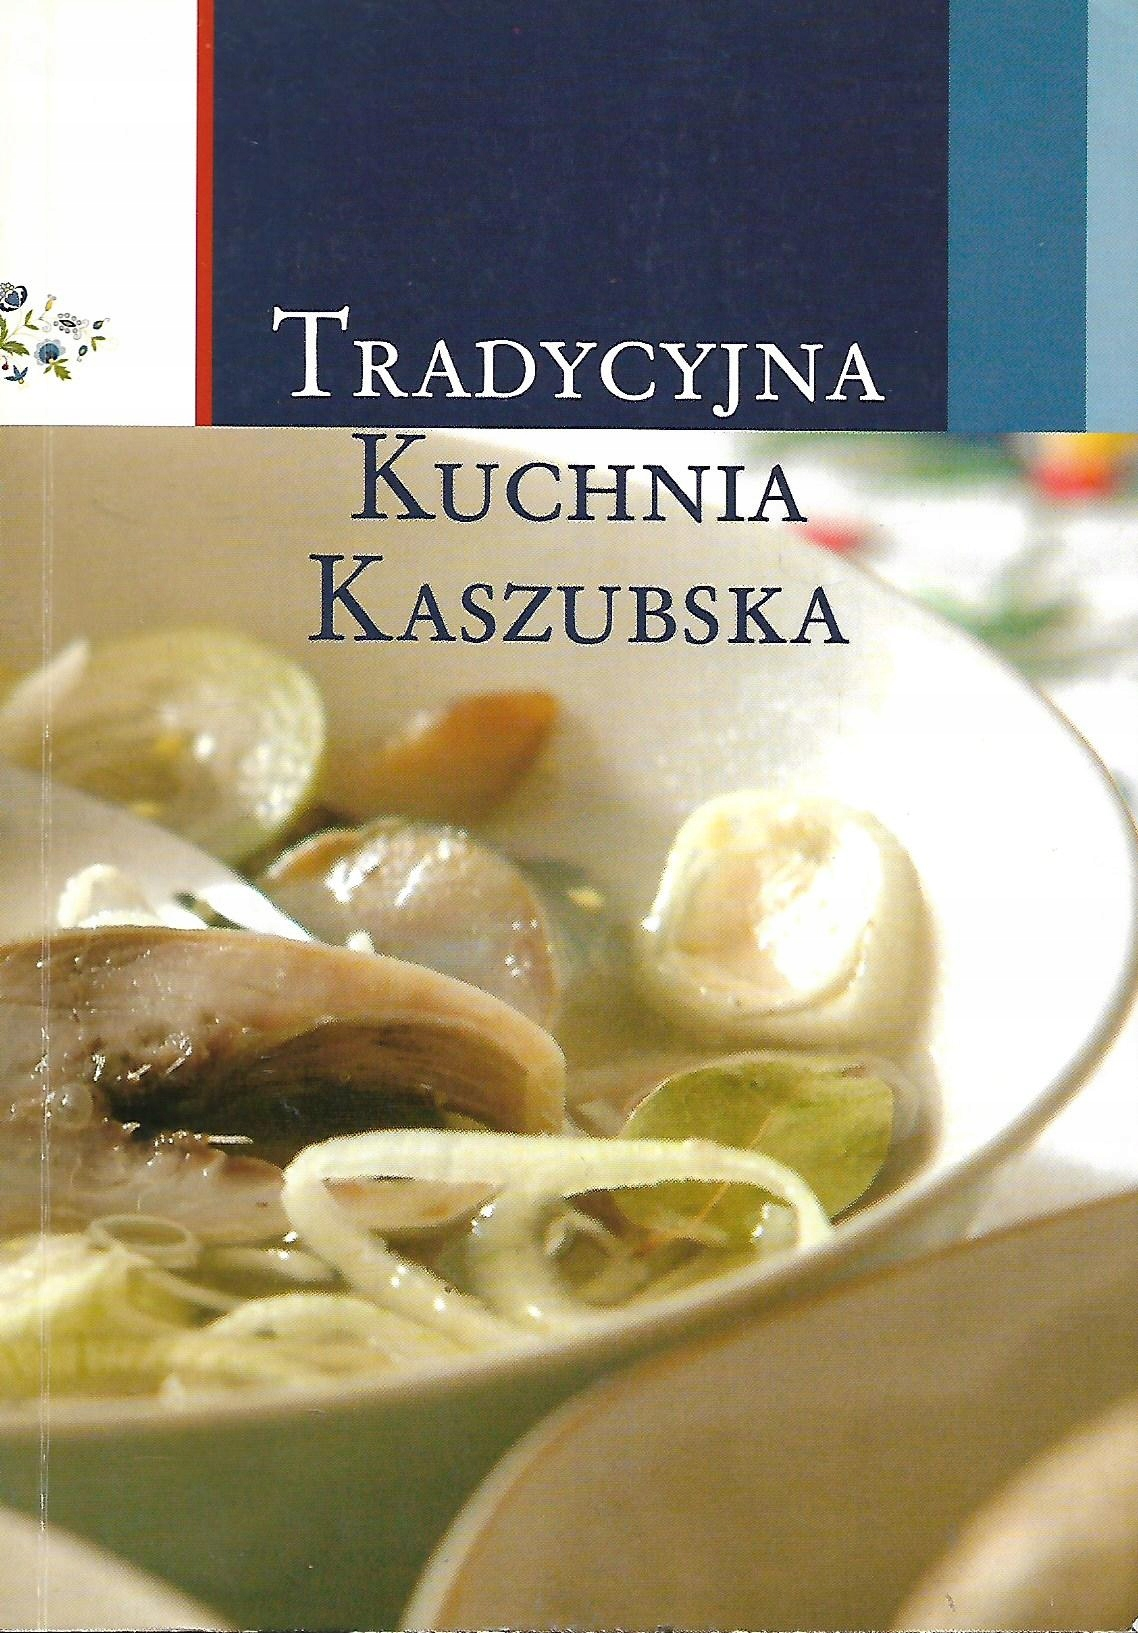 Niemiec Tradycyjna Kuchnia Kaszubska 7625707353